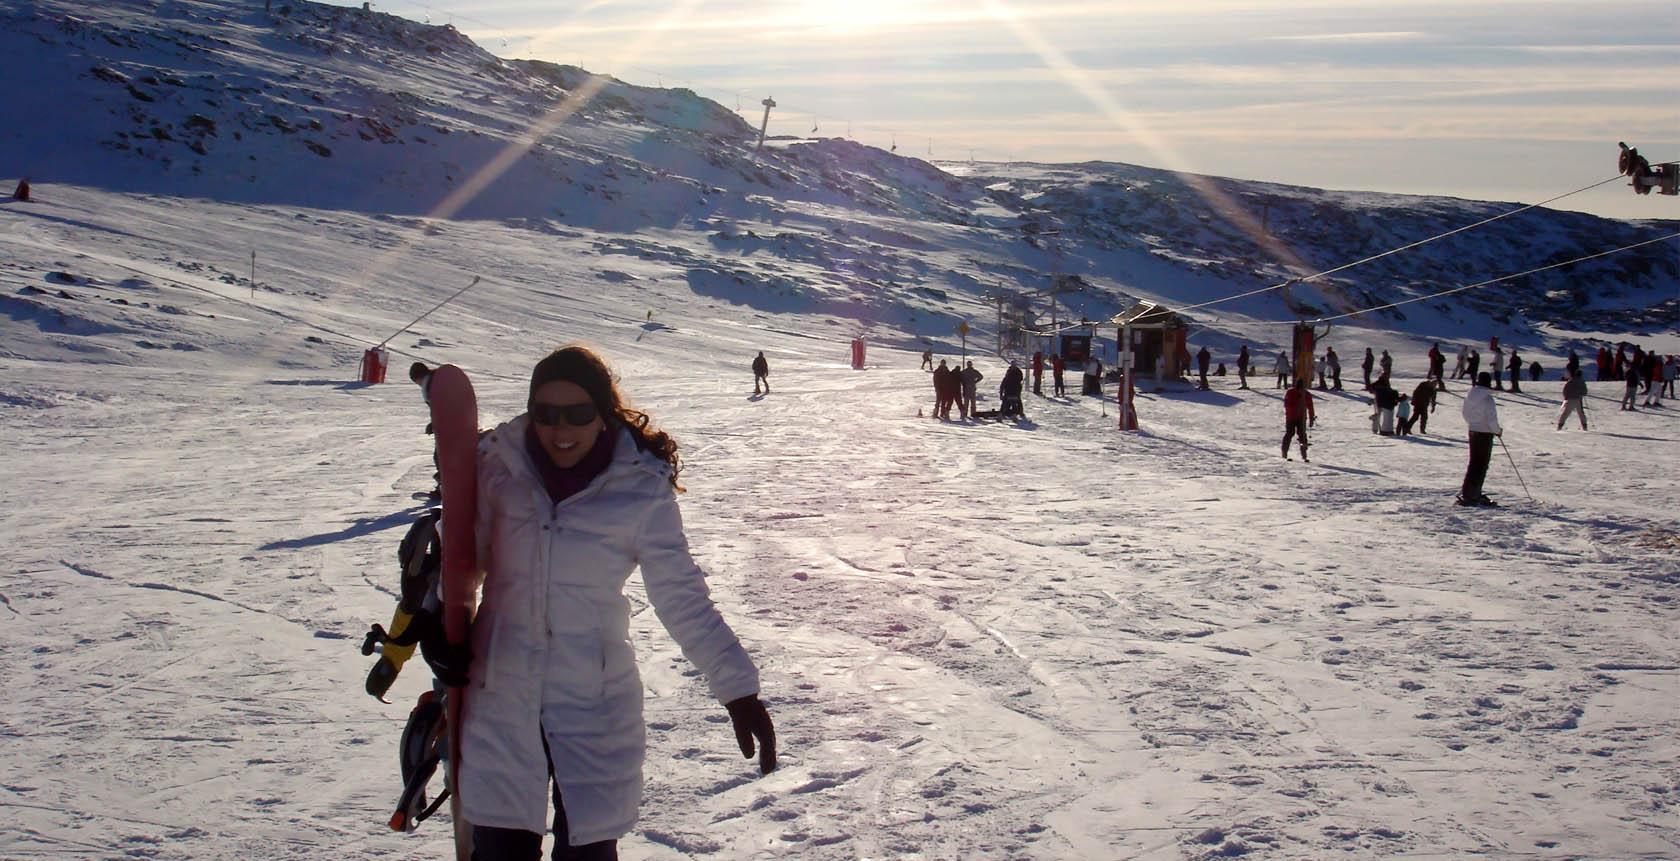 Estação de ski na Serra da Estrela: neve em Portugal - Vontade de Viajar